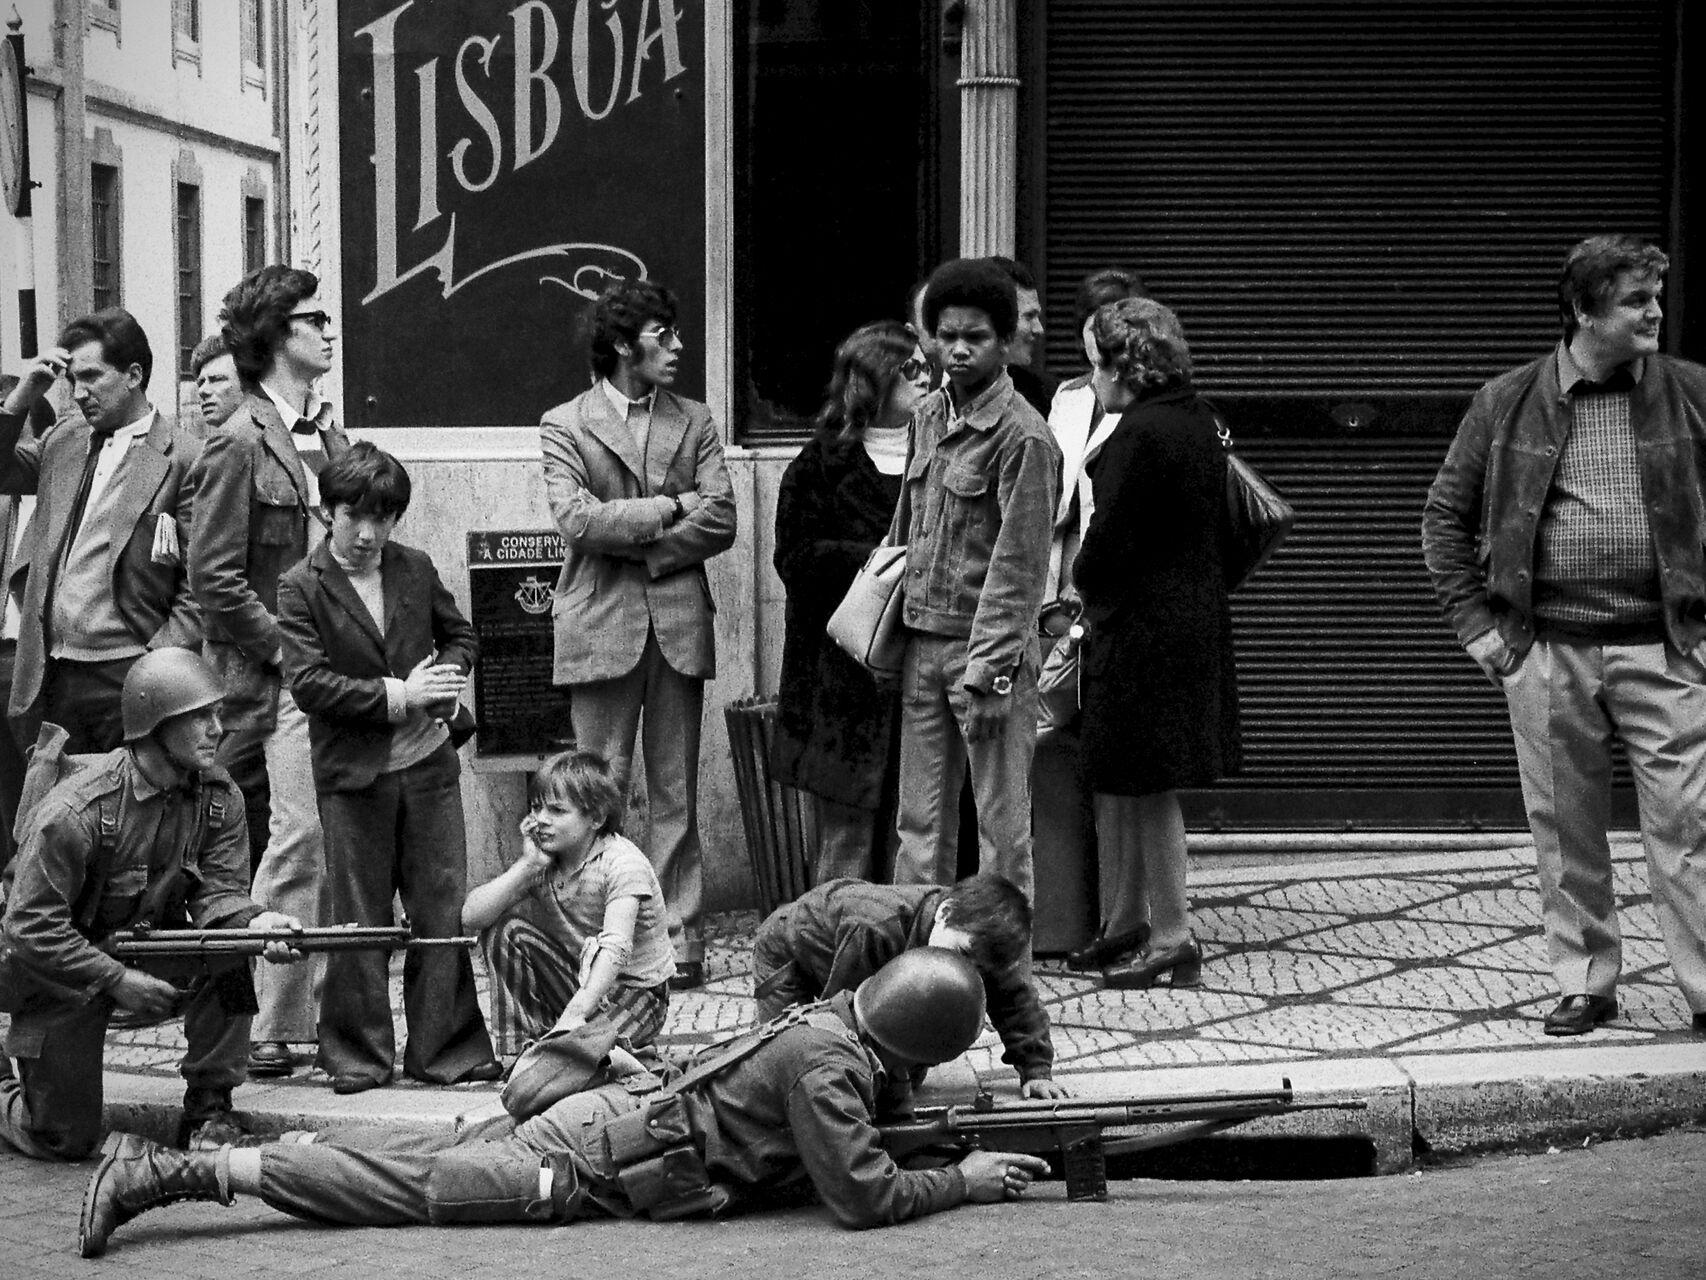 Soldados del 25 de abril atentos en una calle con el pueblo alrededor.